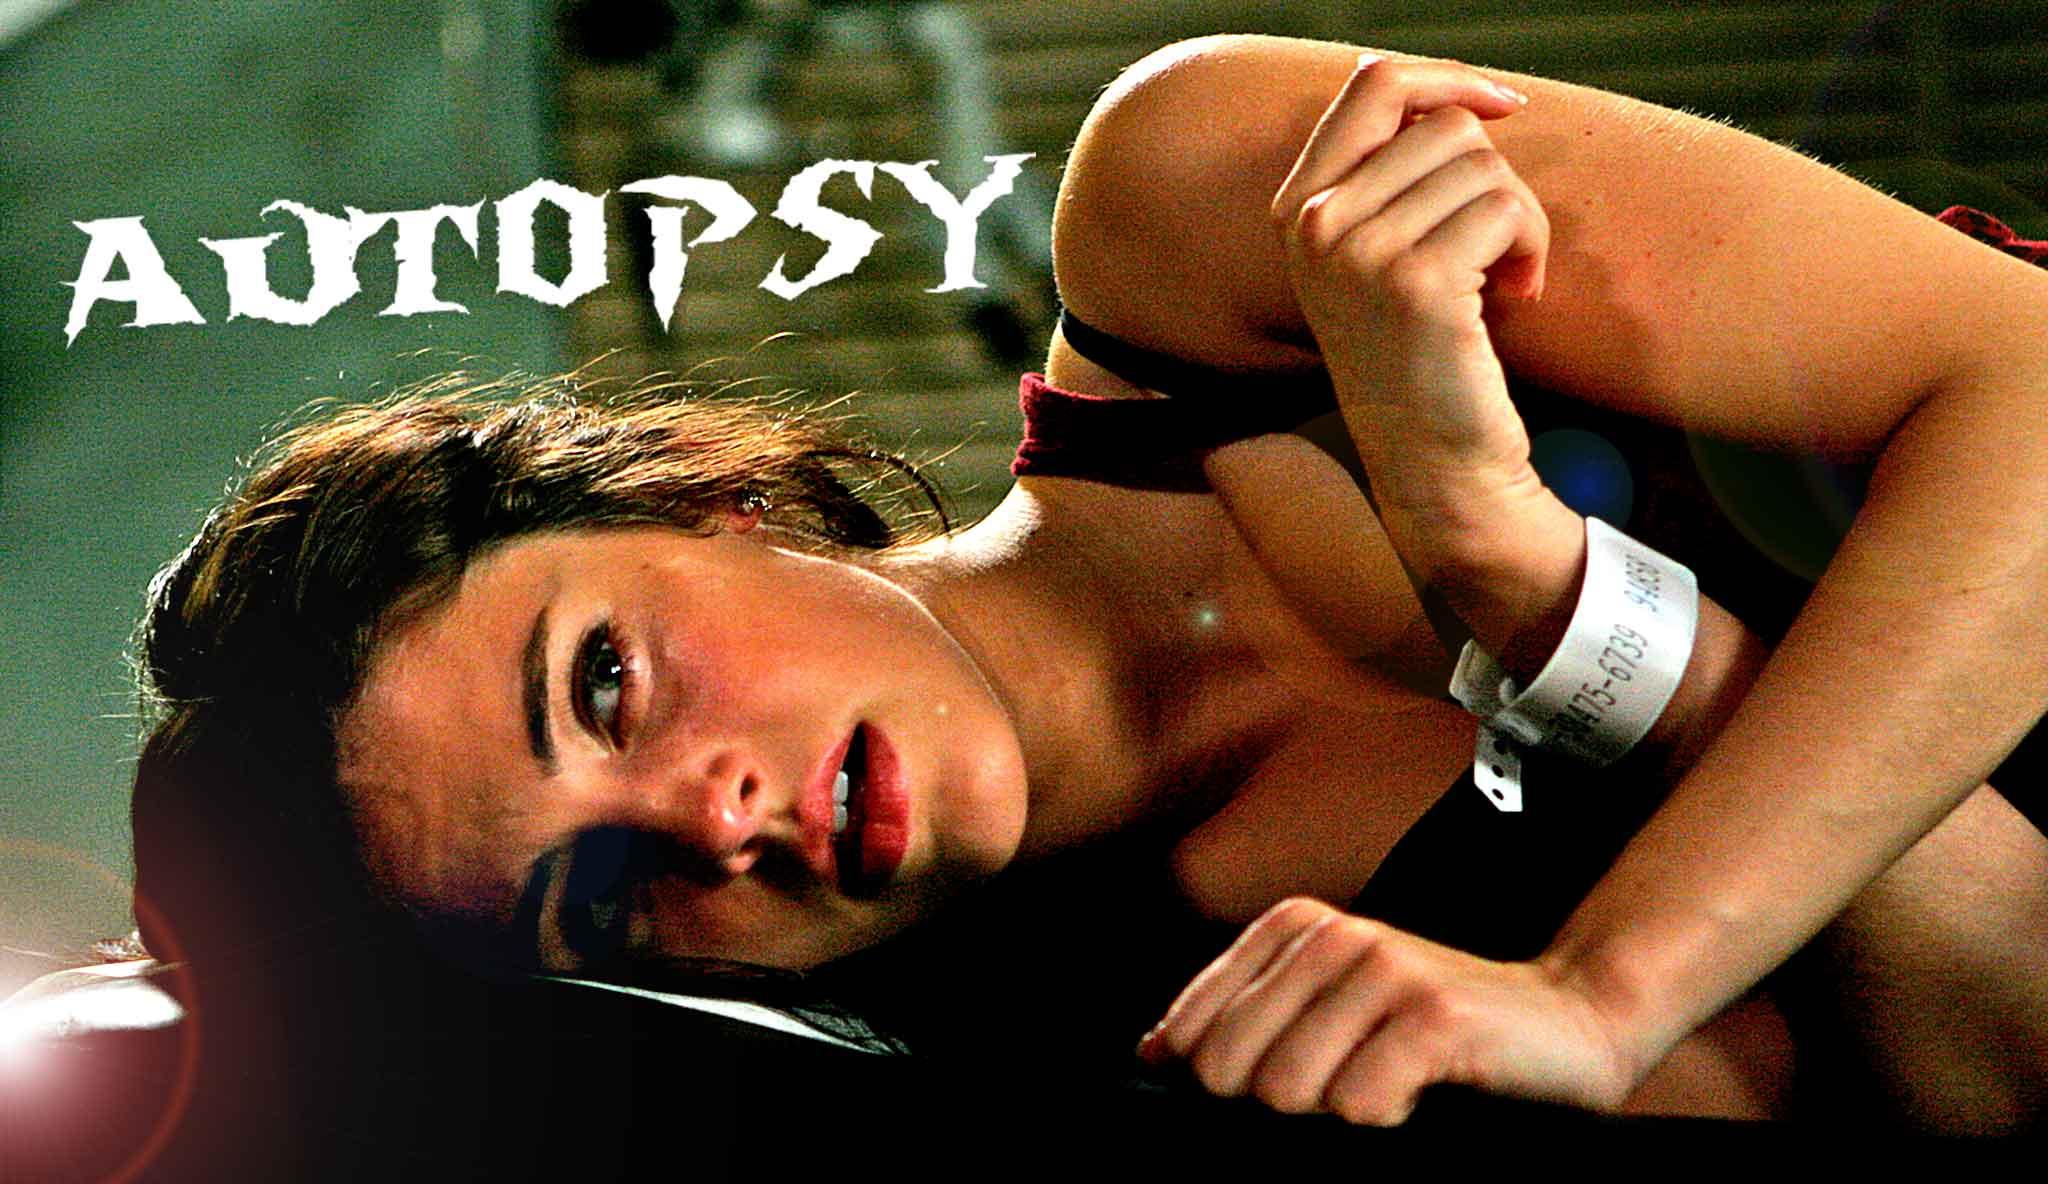 autopsy\header.jpg